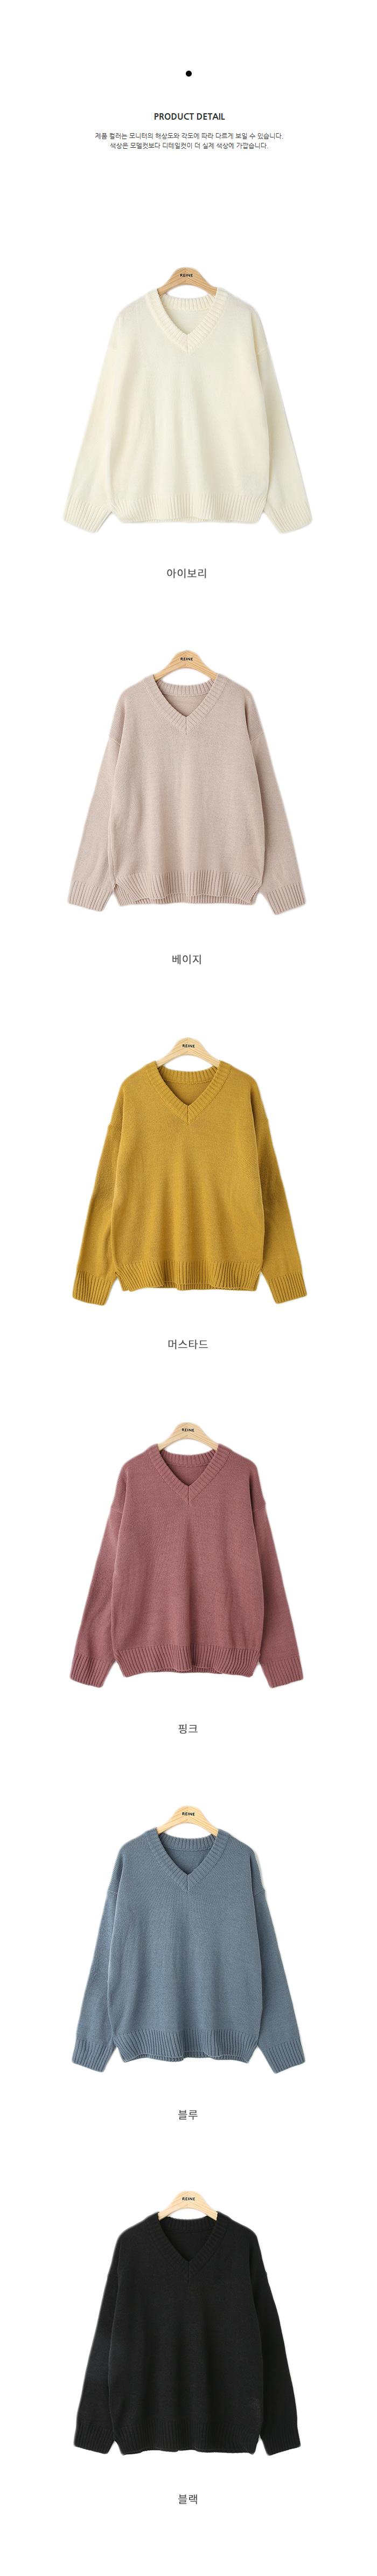 Kennel V-neck knit